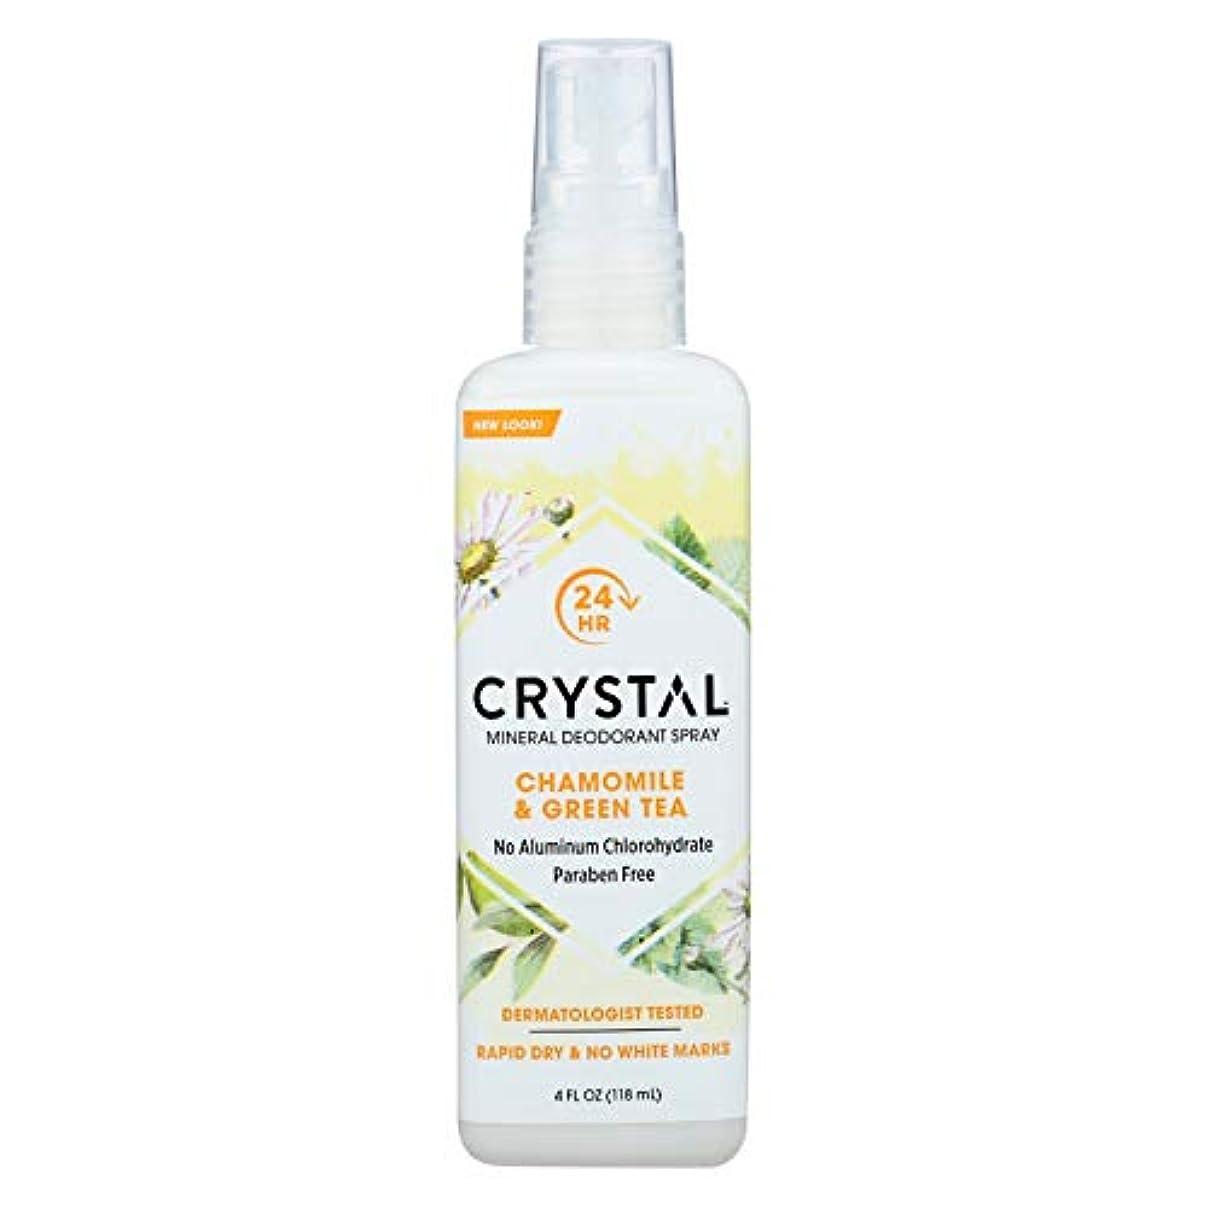 気味の悪いクライマックス自伝Crystal Body Deodorant - 水晶本質のフランスの運輸Chamomile及び緑茶によるミネラル防臭剤ボディスプレー - 4ポンド